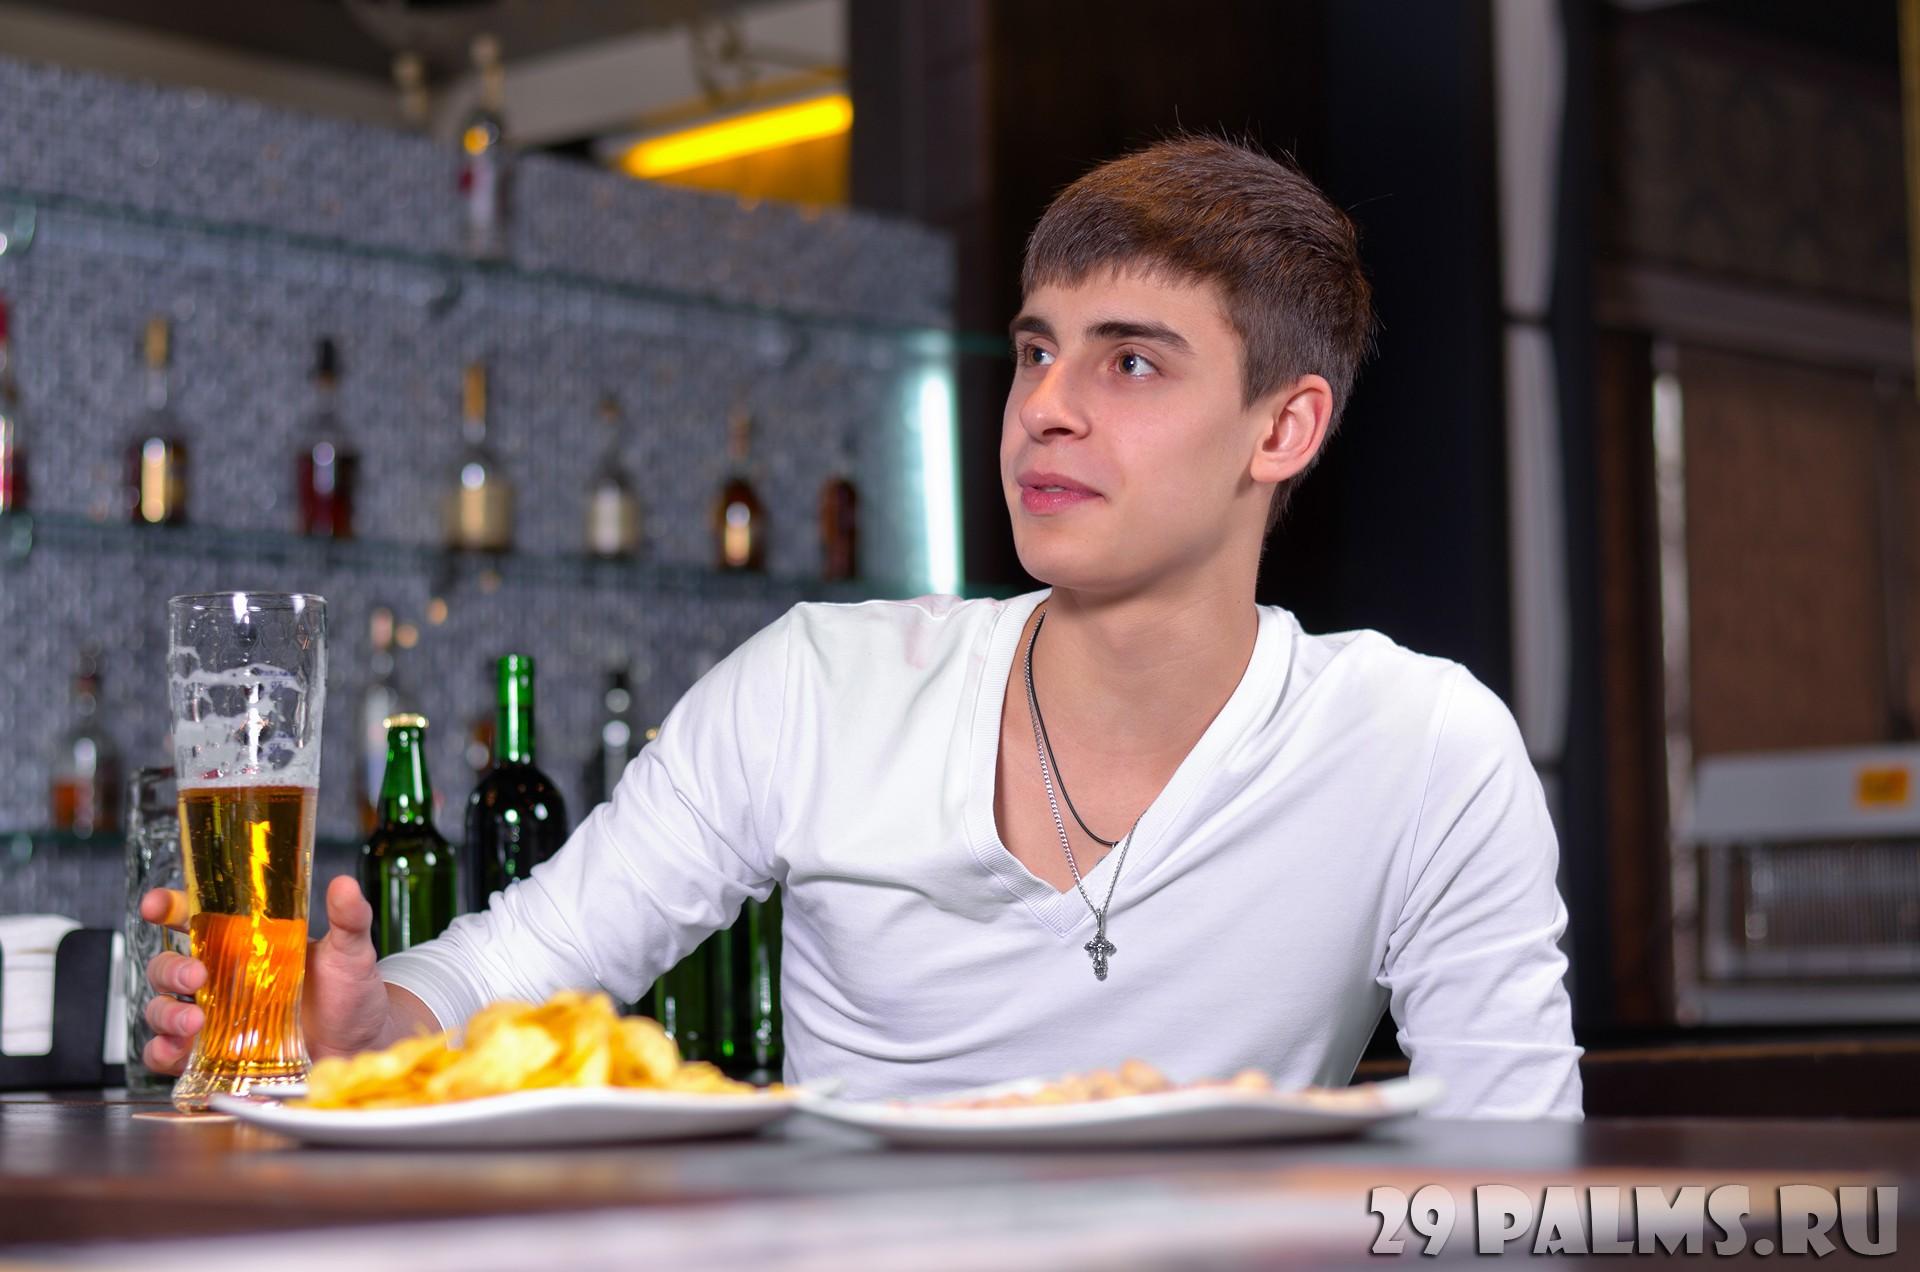 Секс у новорусских 24 фотография